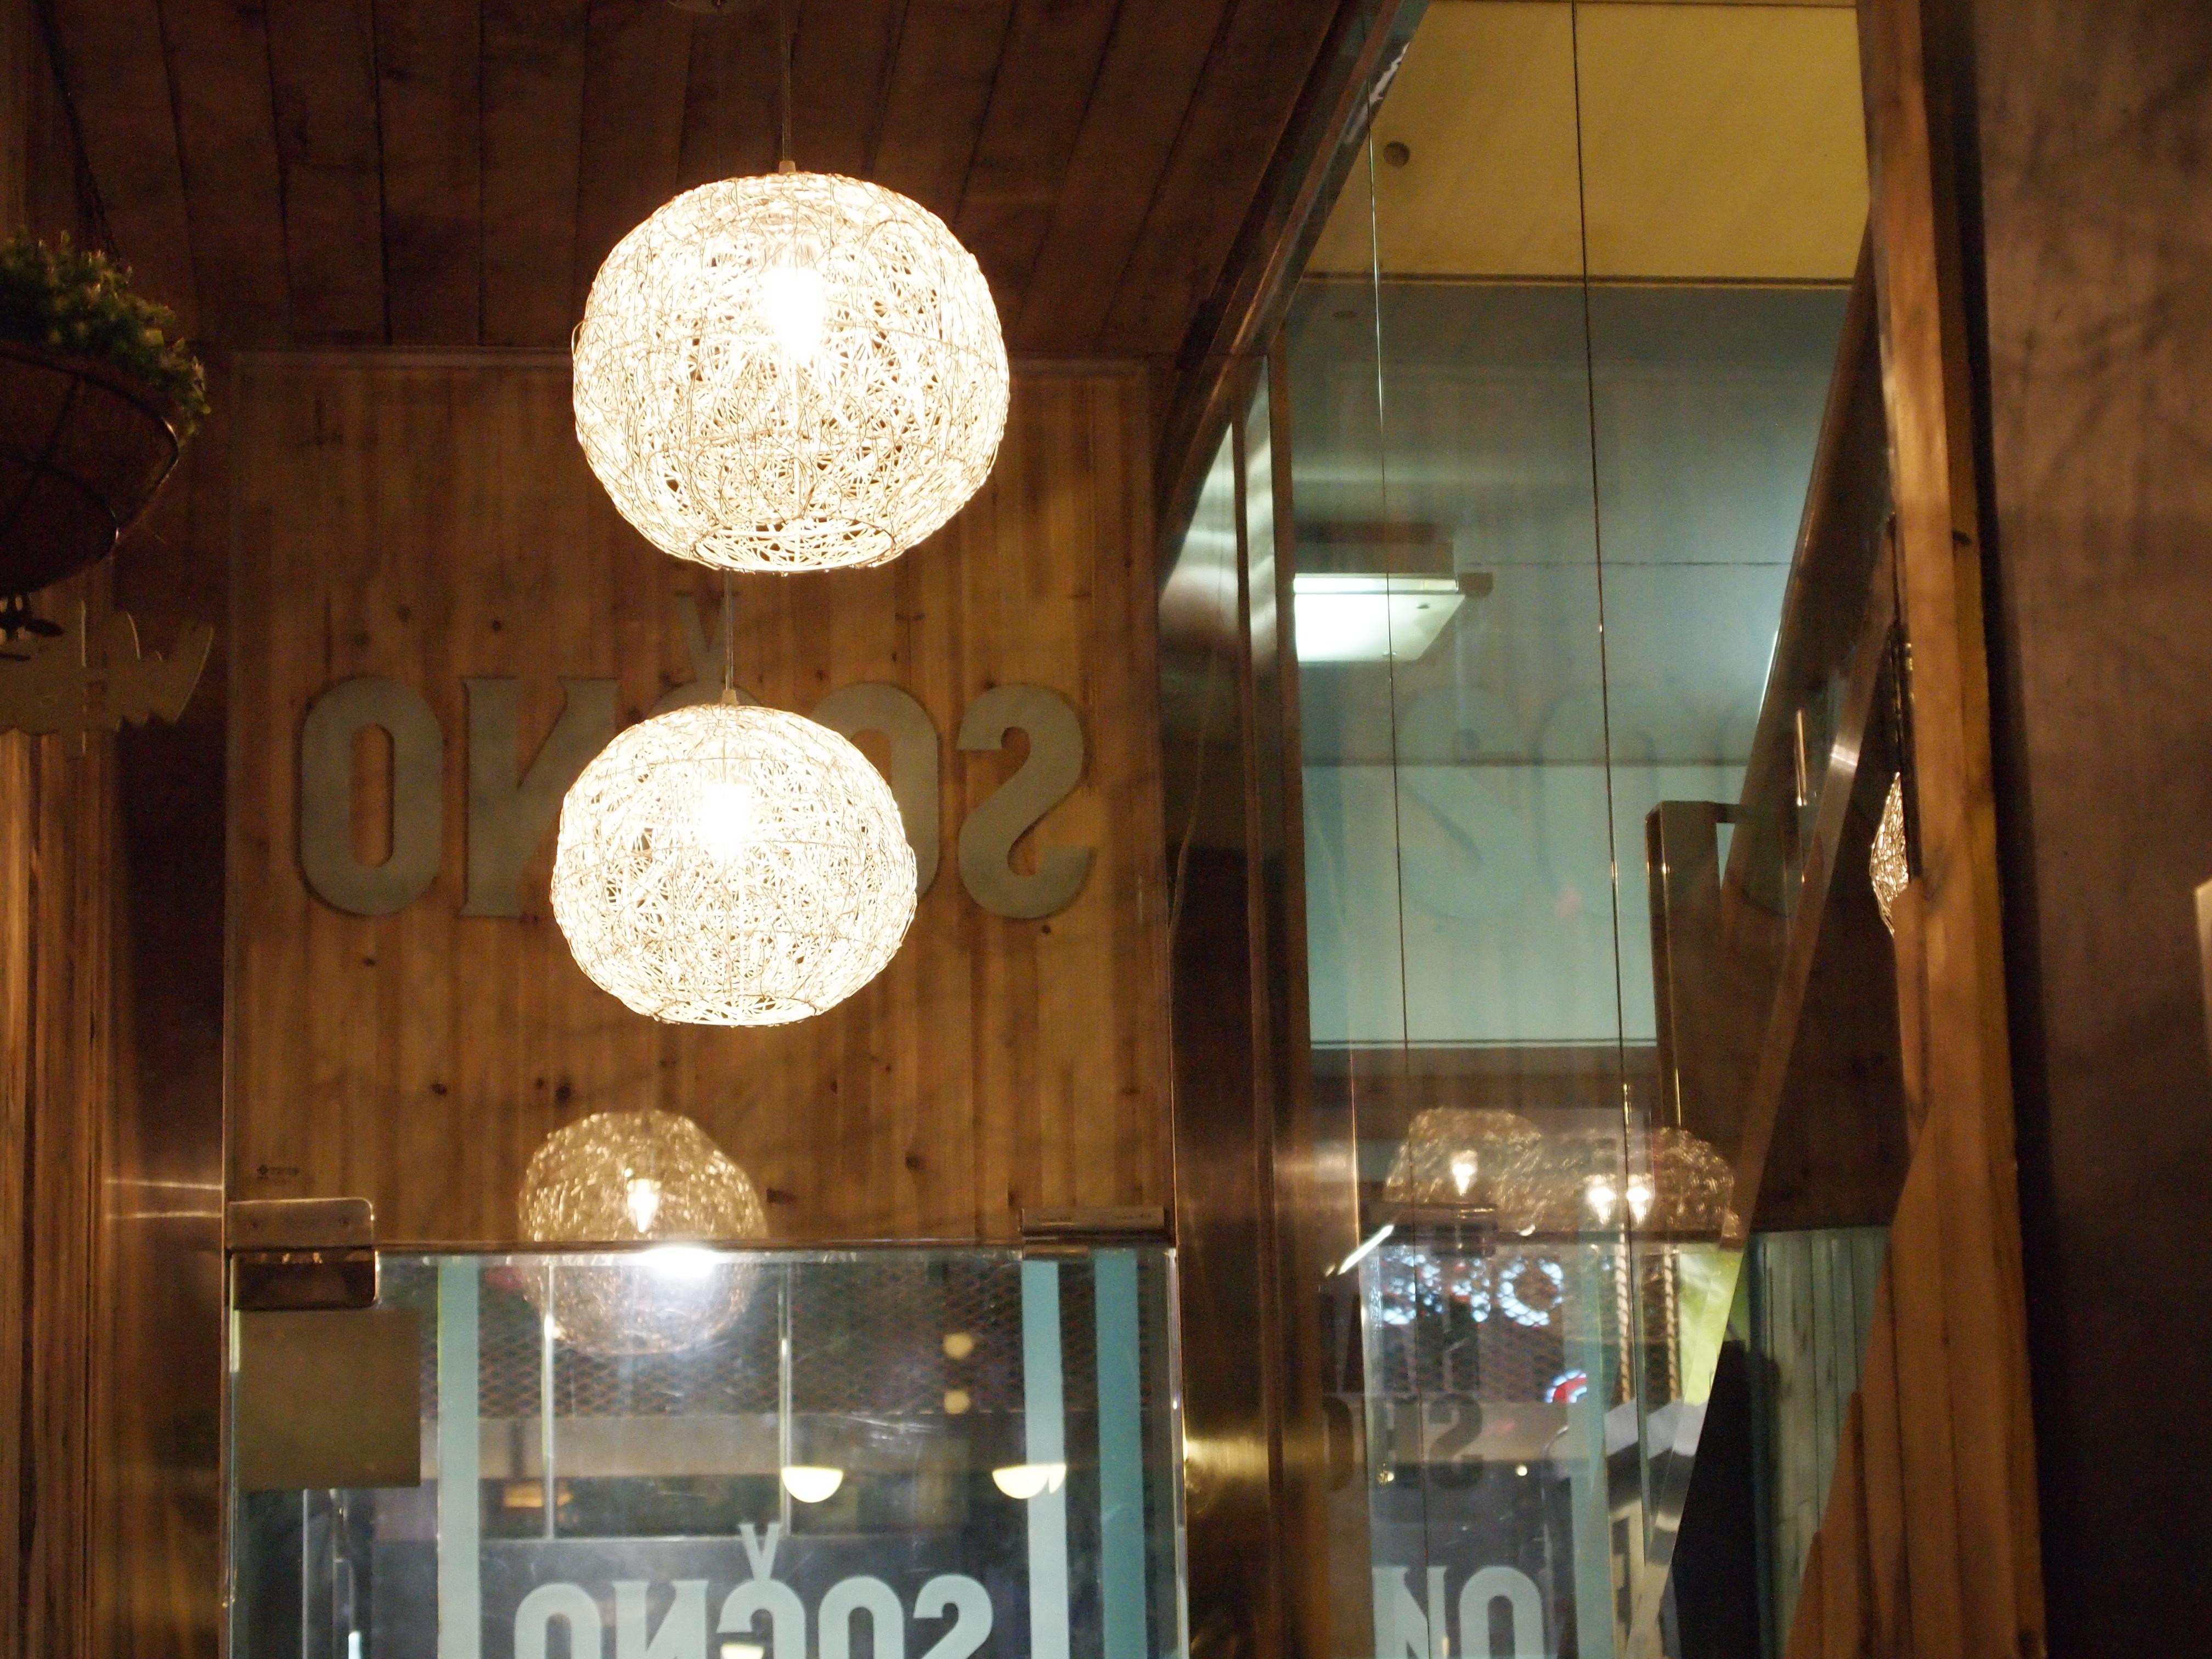 무료 이미지 : 카페, 커피, 내부, 유리, 레스토랑, 천장, 조명 ...